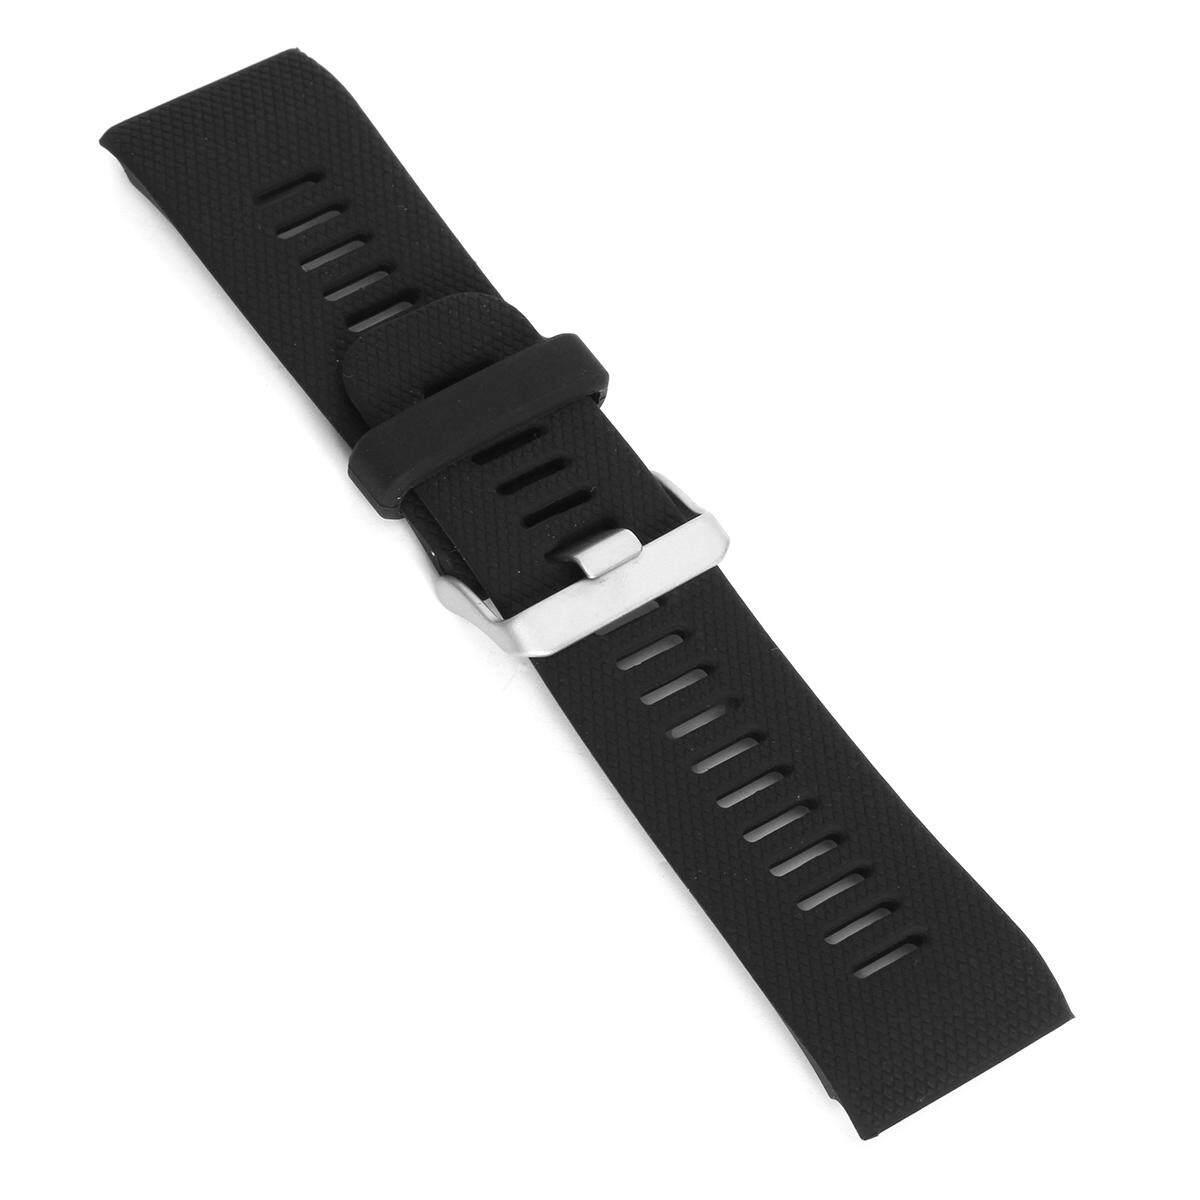 Hình ảnh Wrist Band Sports Silicone Watch Band Strap for Garmin Vivoactive HR Bracelet